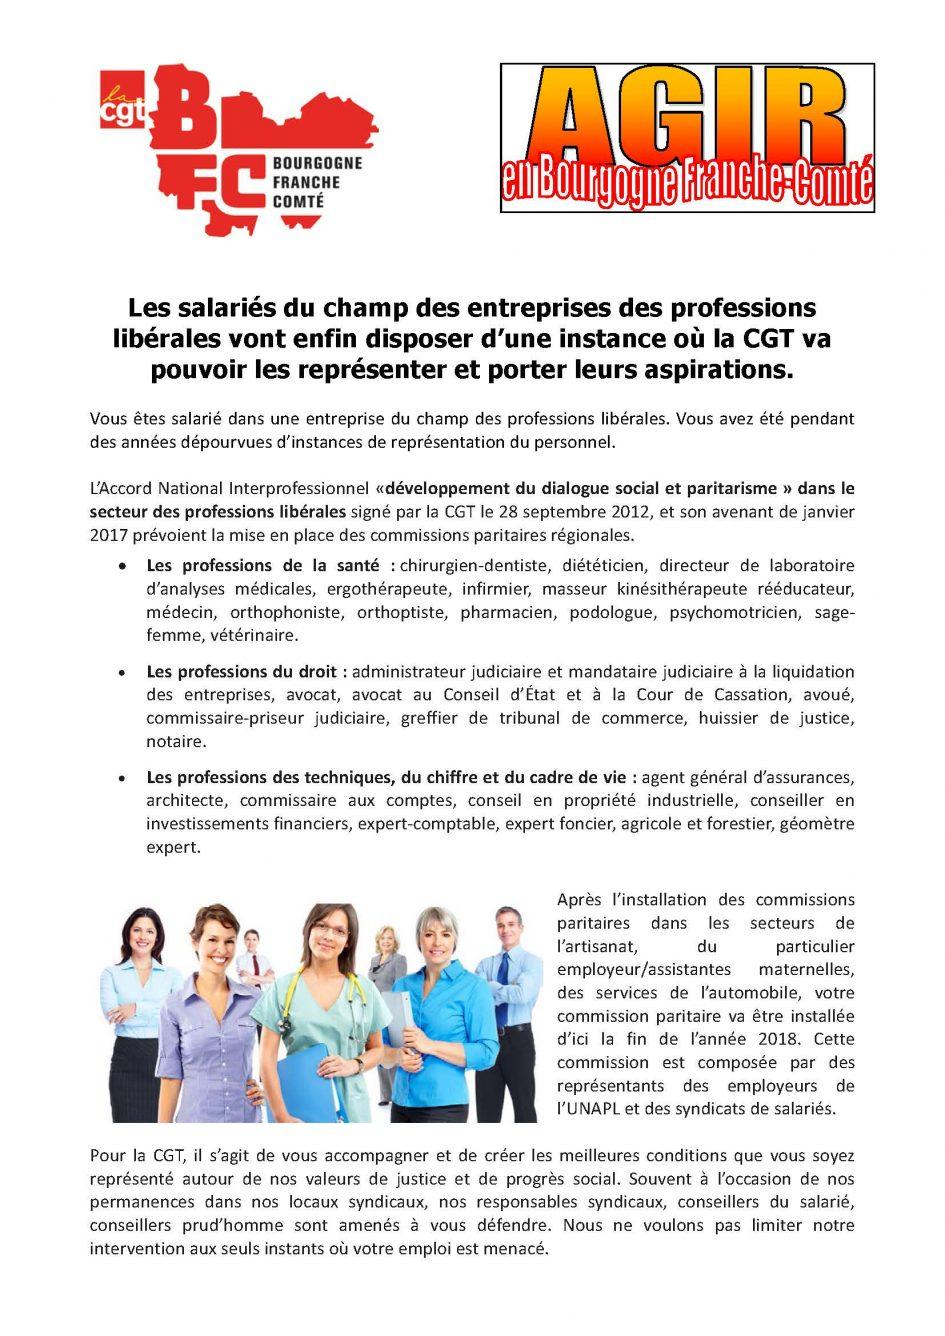 Les Salaries Du Champ Des Entreprises Des Professions Liberales Vont